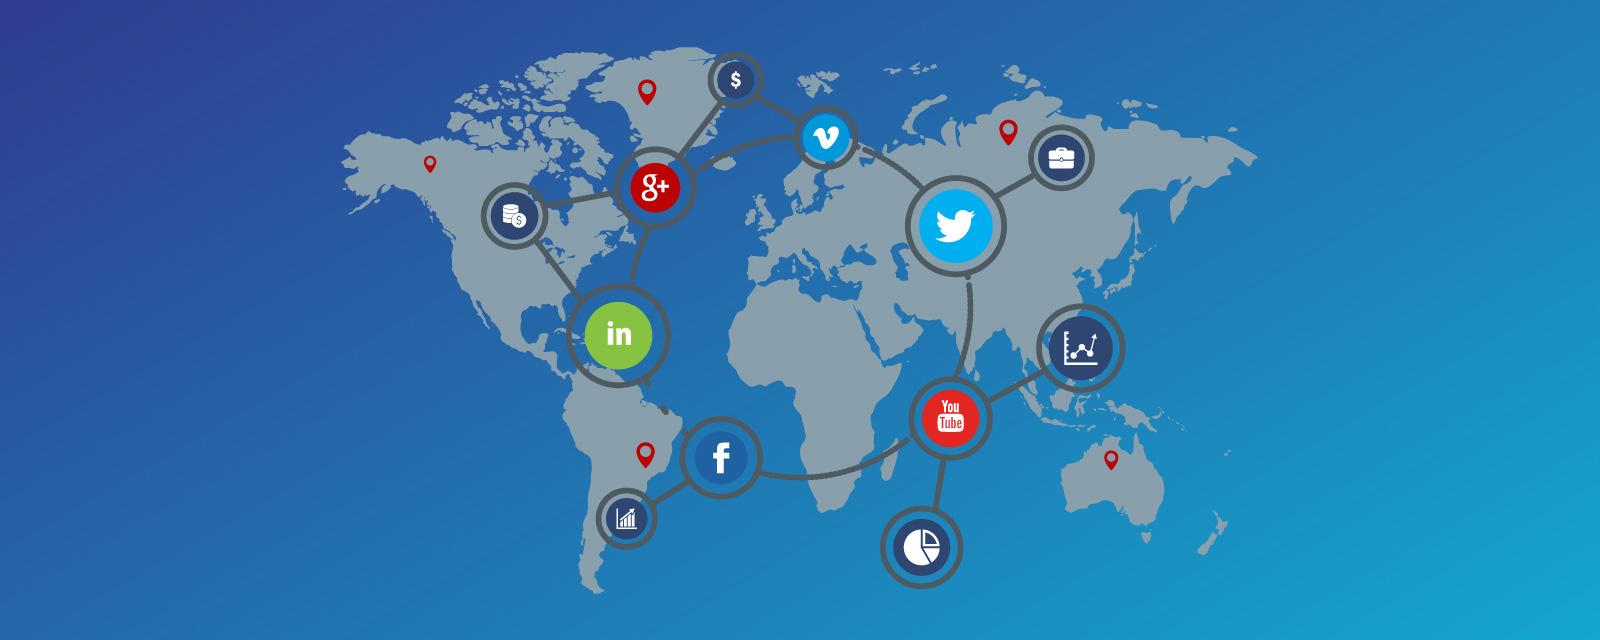 Social-media-for-b2b-landscape